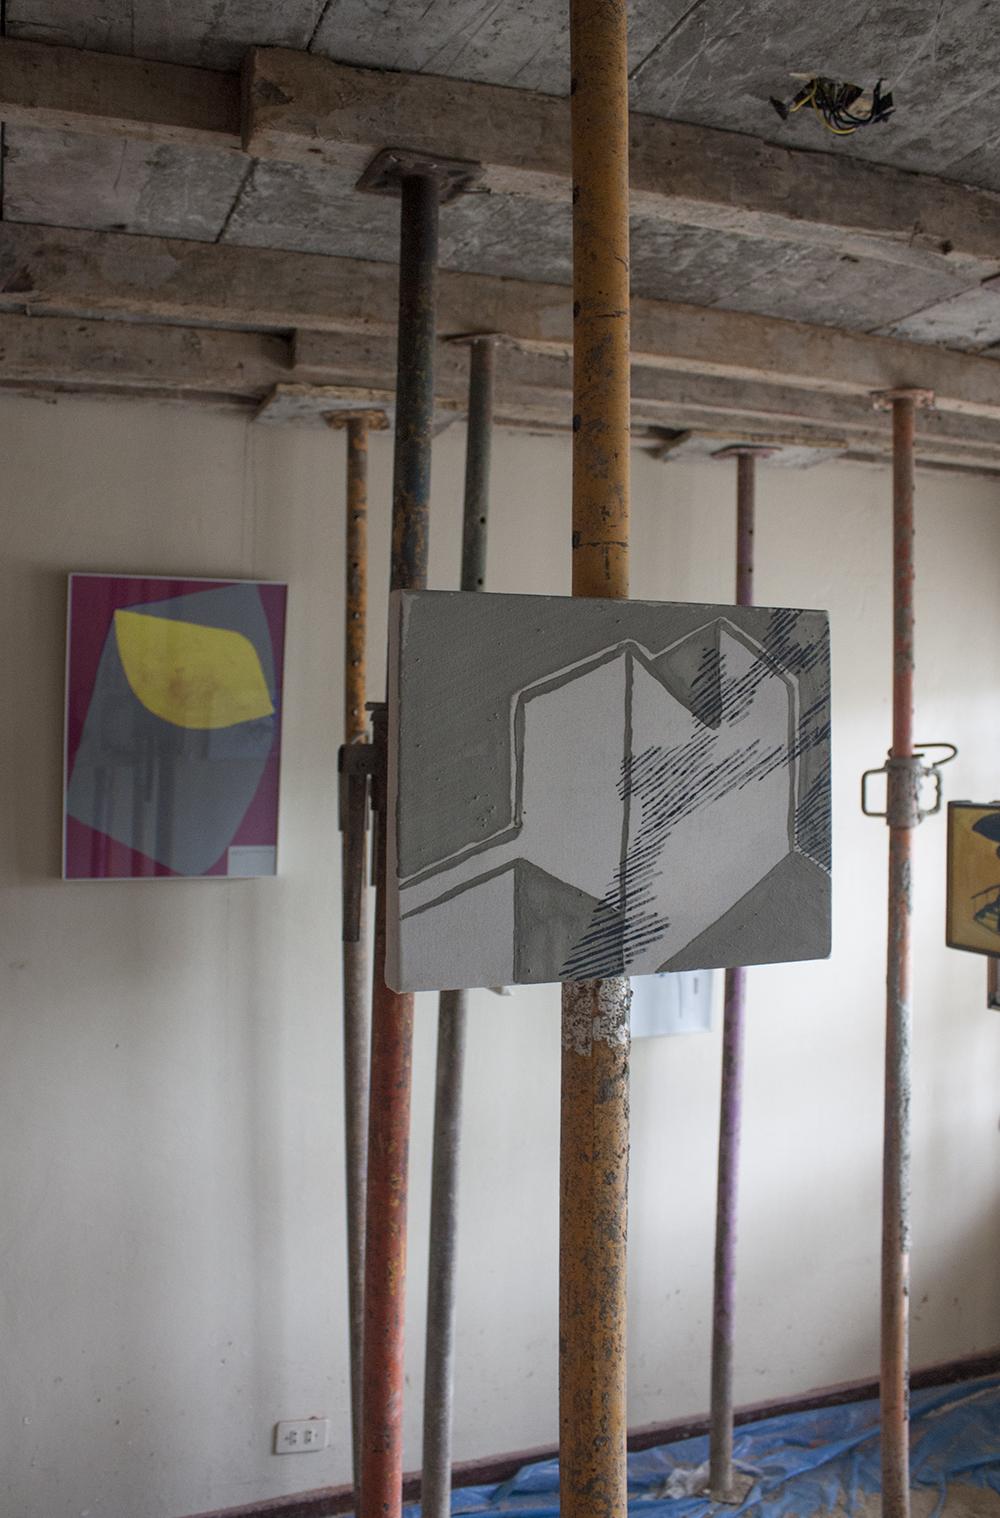 Charte d'Athènes II § 95 , 2014-2018, guache sobre papel, 59 x 42 cm.   Estructura de concreto y humo , 2016, cemento y acrílico sobre tela, 26 x 33 cm.